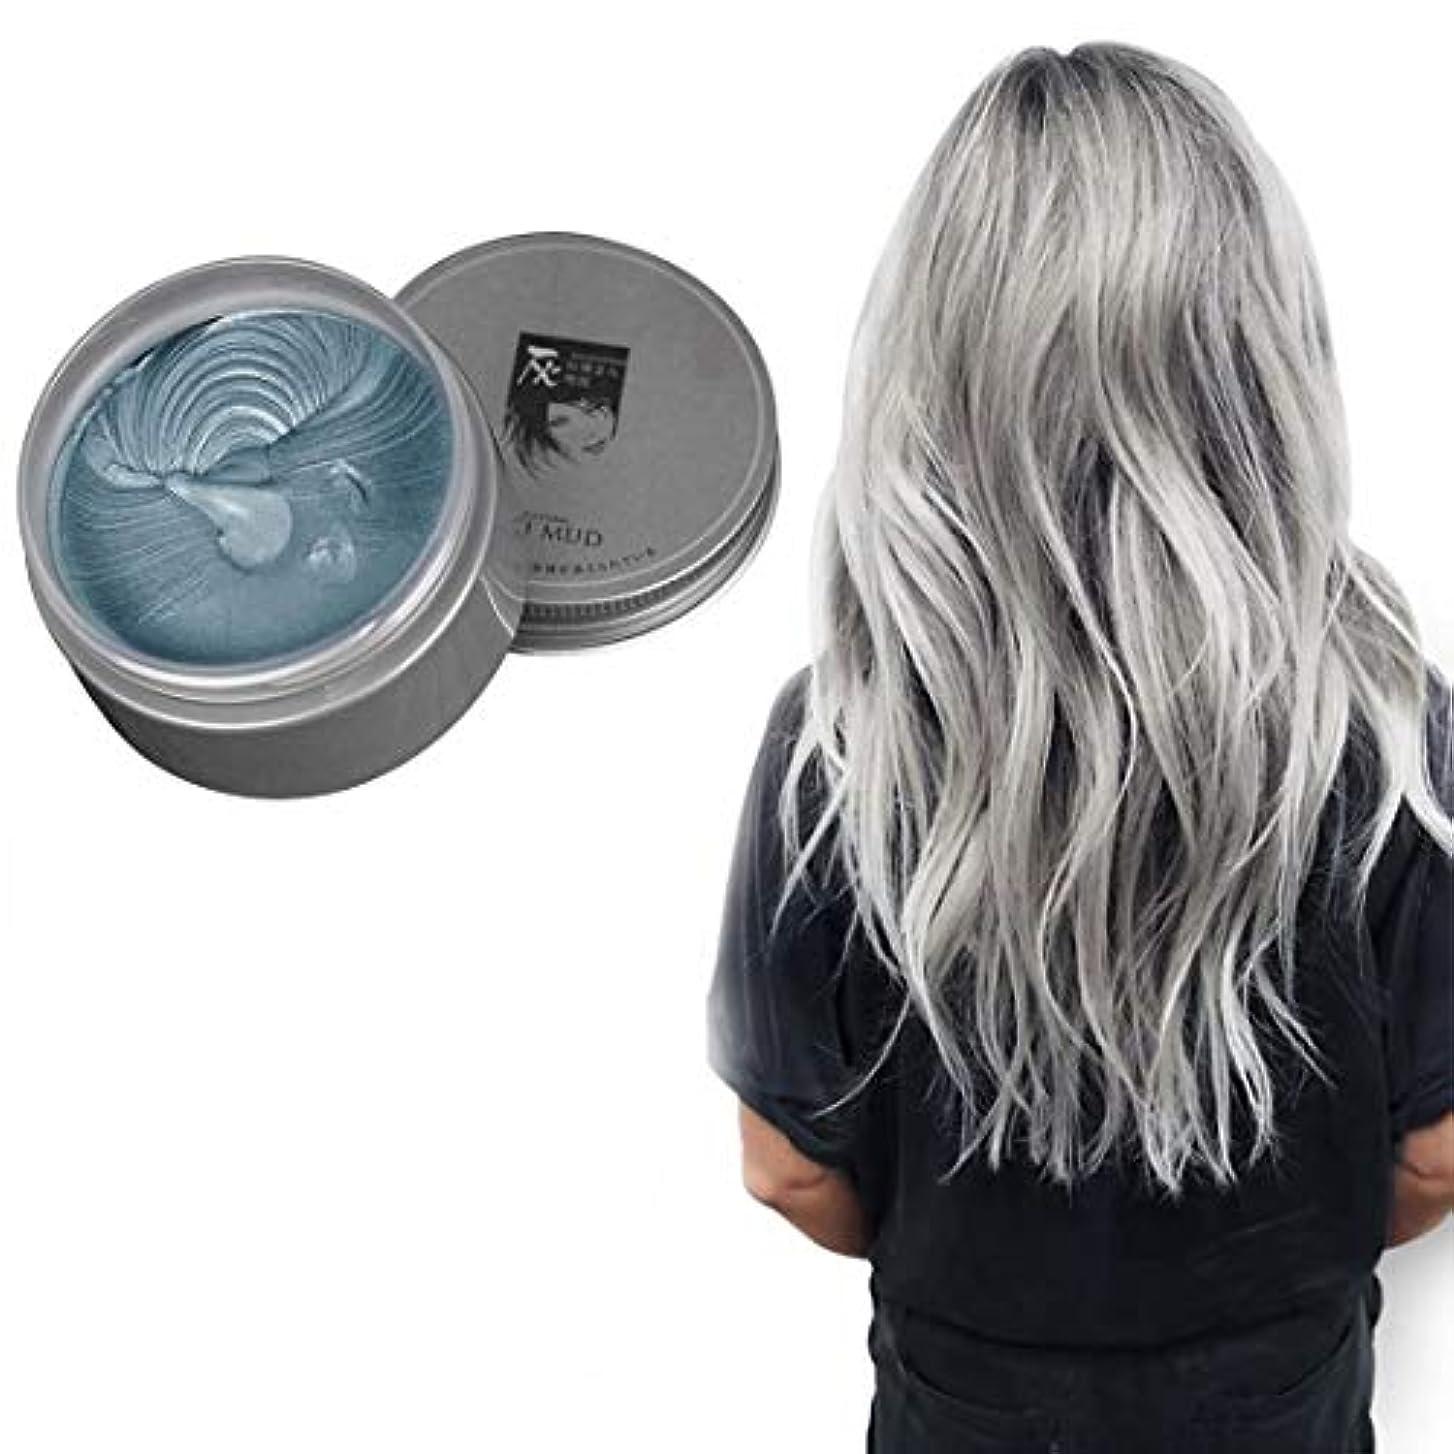 短くするベース毎日髪色ワックス,インスタントのヘアワックス,1 回限りの一時的な自然な髪型色染料ヘアワックス,DIY 粘土スタイリング スタイリング ヘアワックス ハロウィーン パーティー、コスプレ、日常生活用 (グレー)